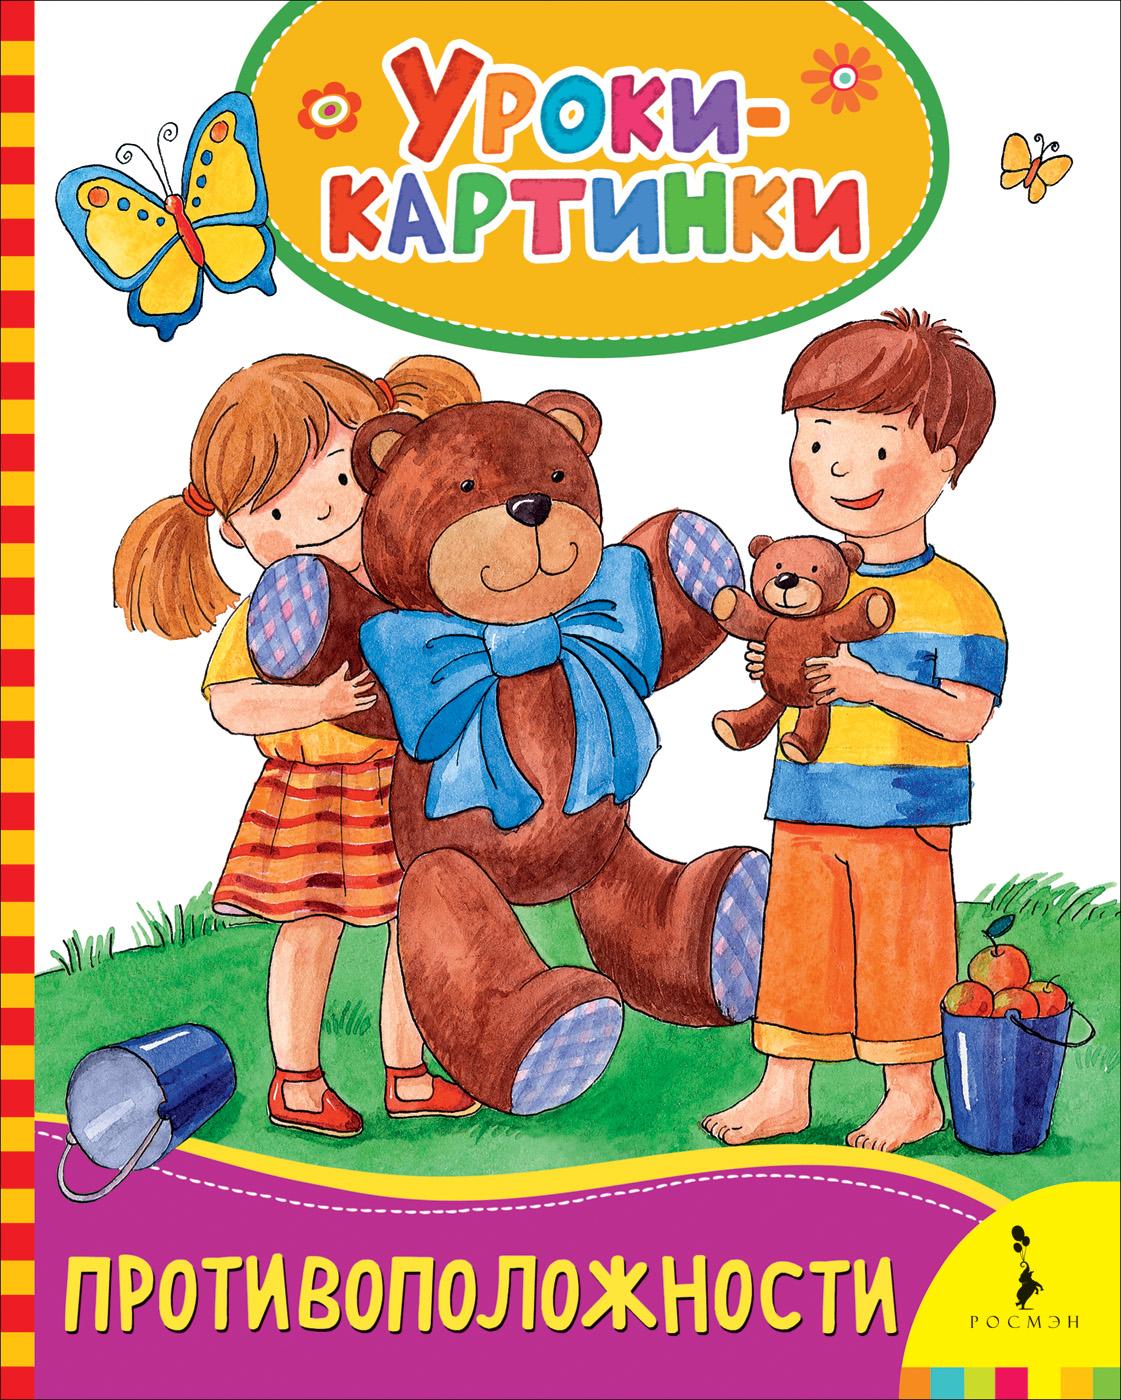 Мазанова Е. К. Противоположности (Уроки-картинки)